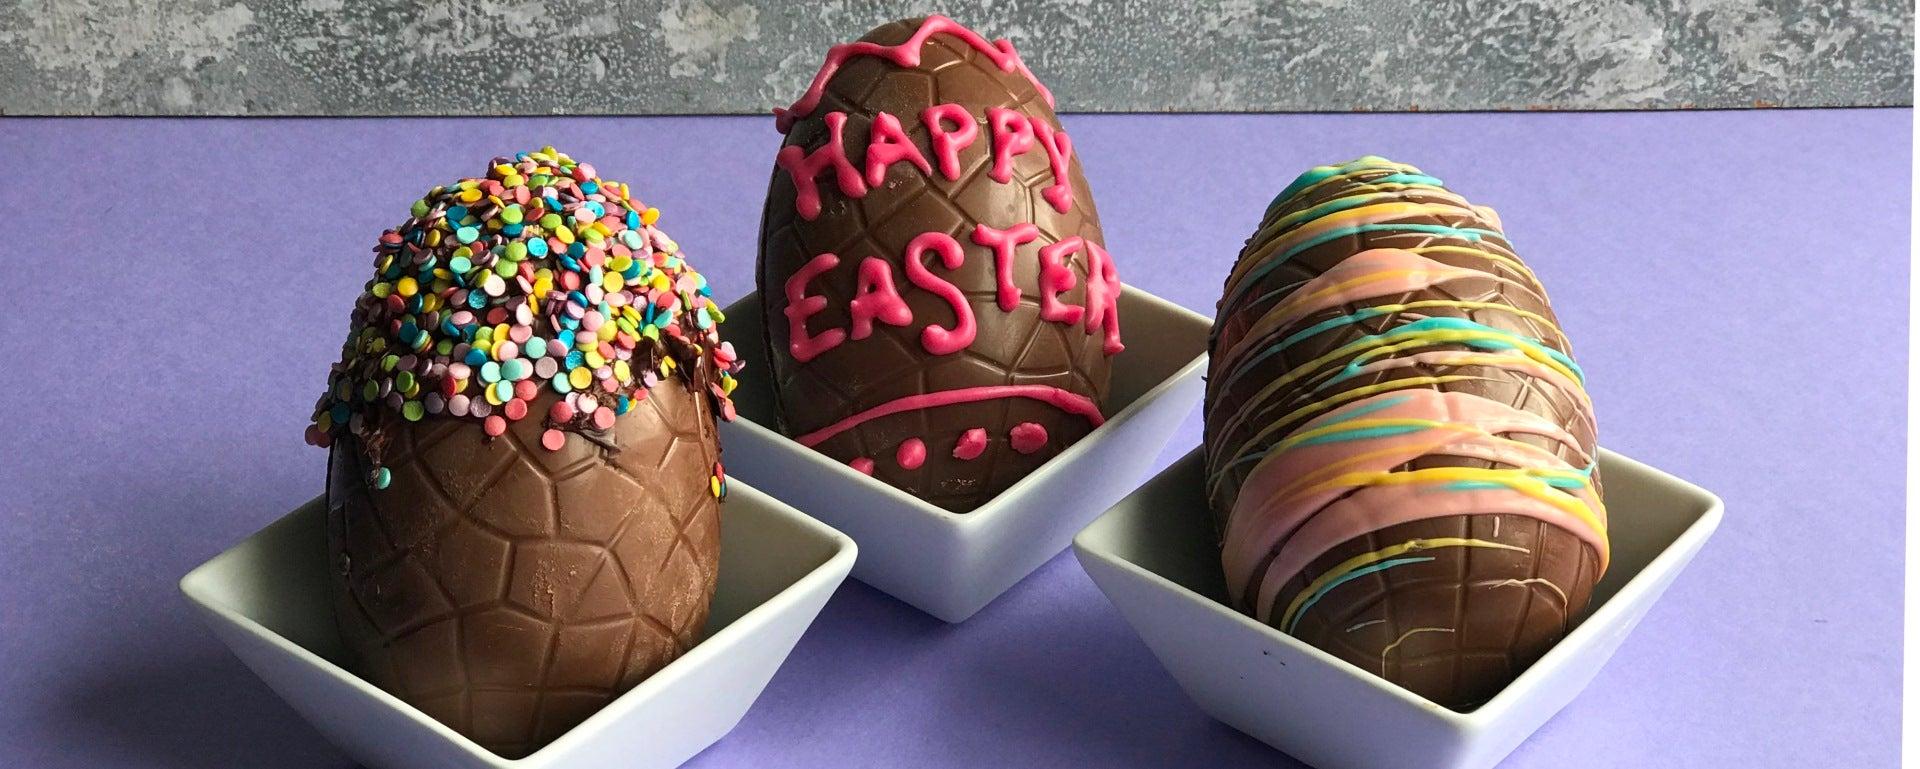 How-To-Easter-Egg-3-ways_HEADER.jpg